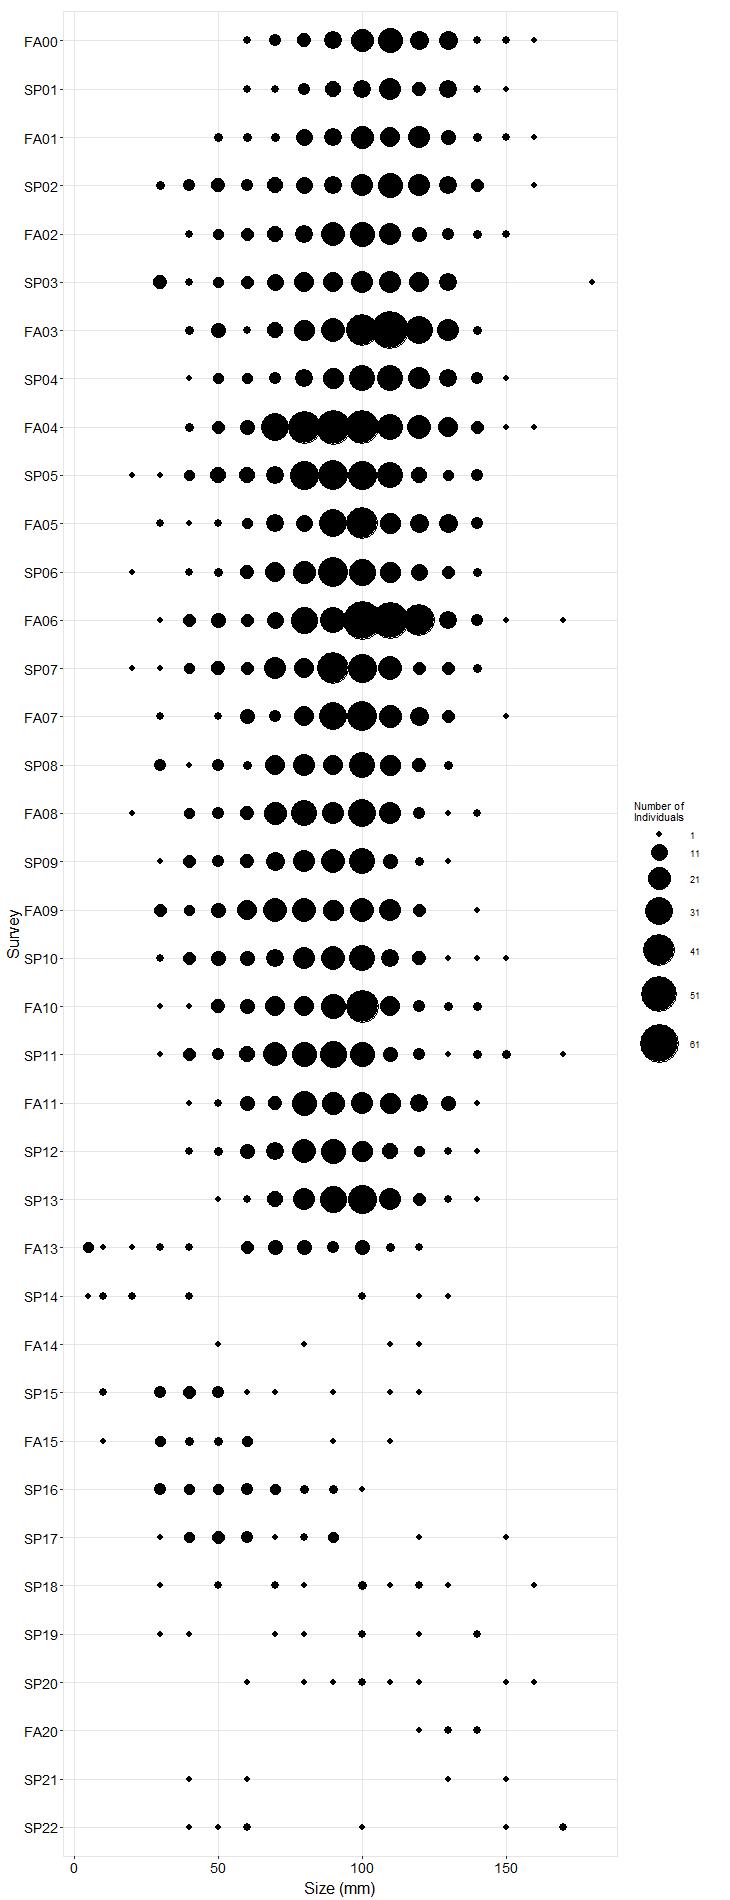 Stillwater Pisaster size plot